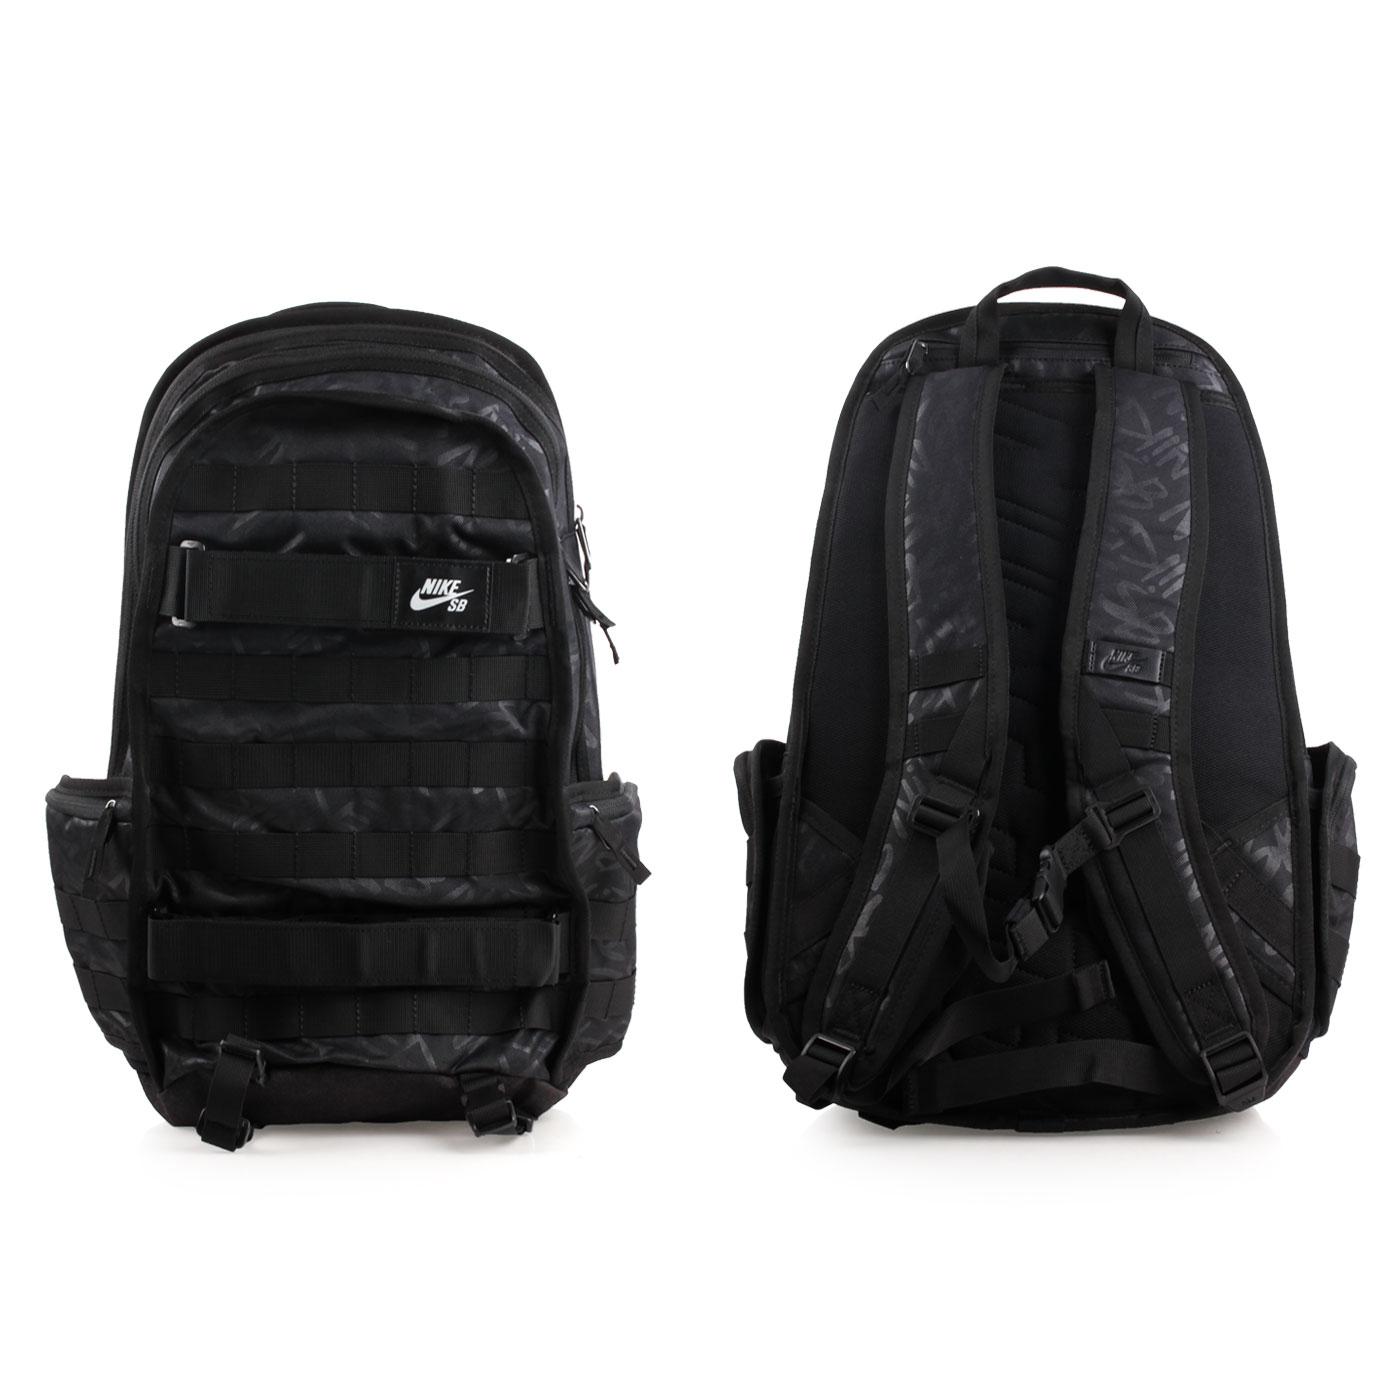 NIKE SB後背包 (免運 雙肩包 滑板包 旅行包 電腦包 15吋筆電≡排汗專家≡